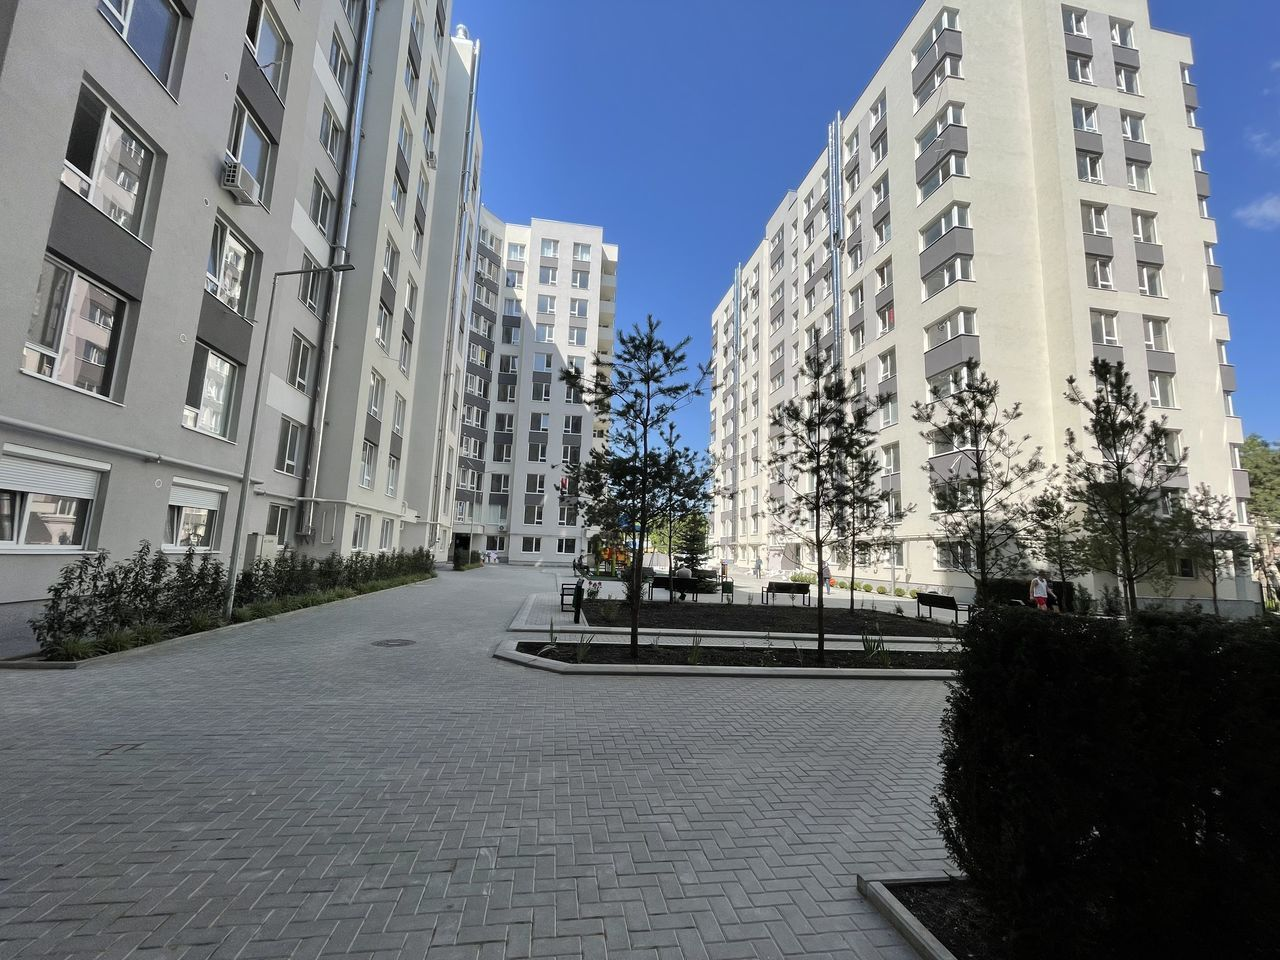 Vânzare 2 camere variantă albă bloc nou, autonomă, sect. Râșcani str. Andrei Doga de mijloc